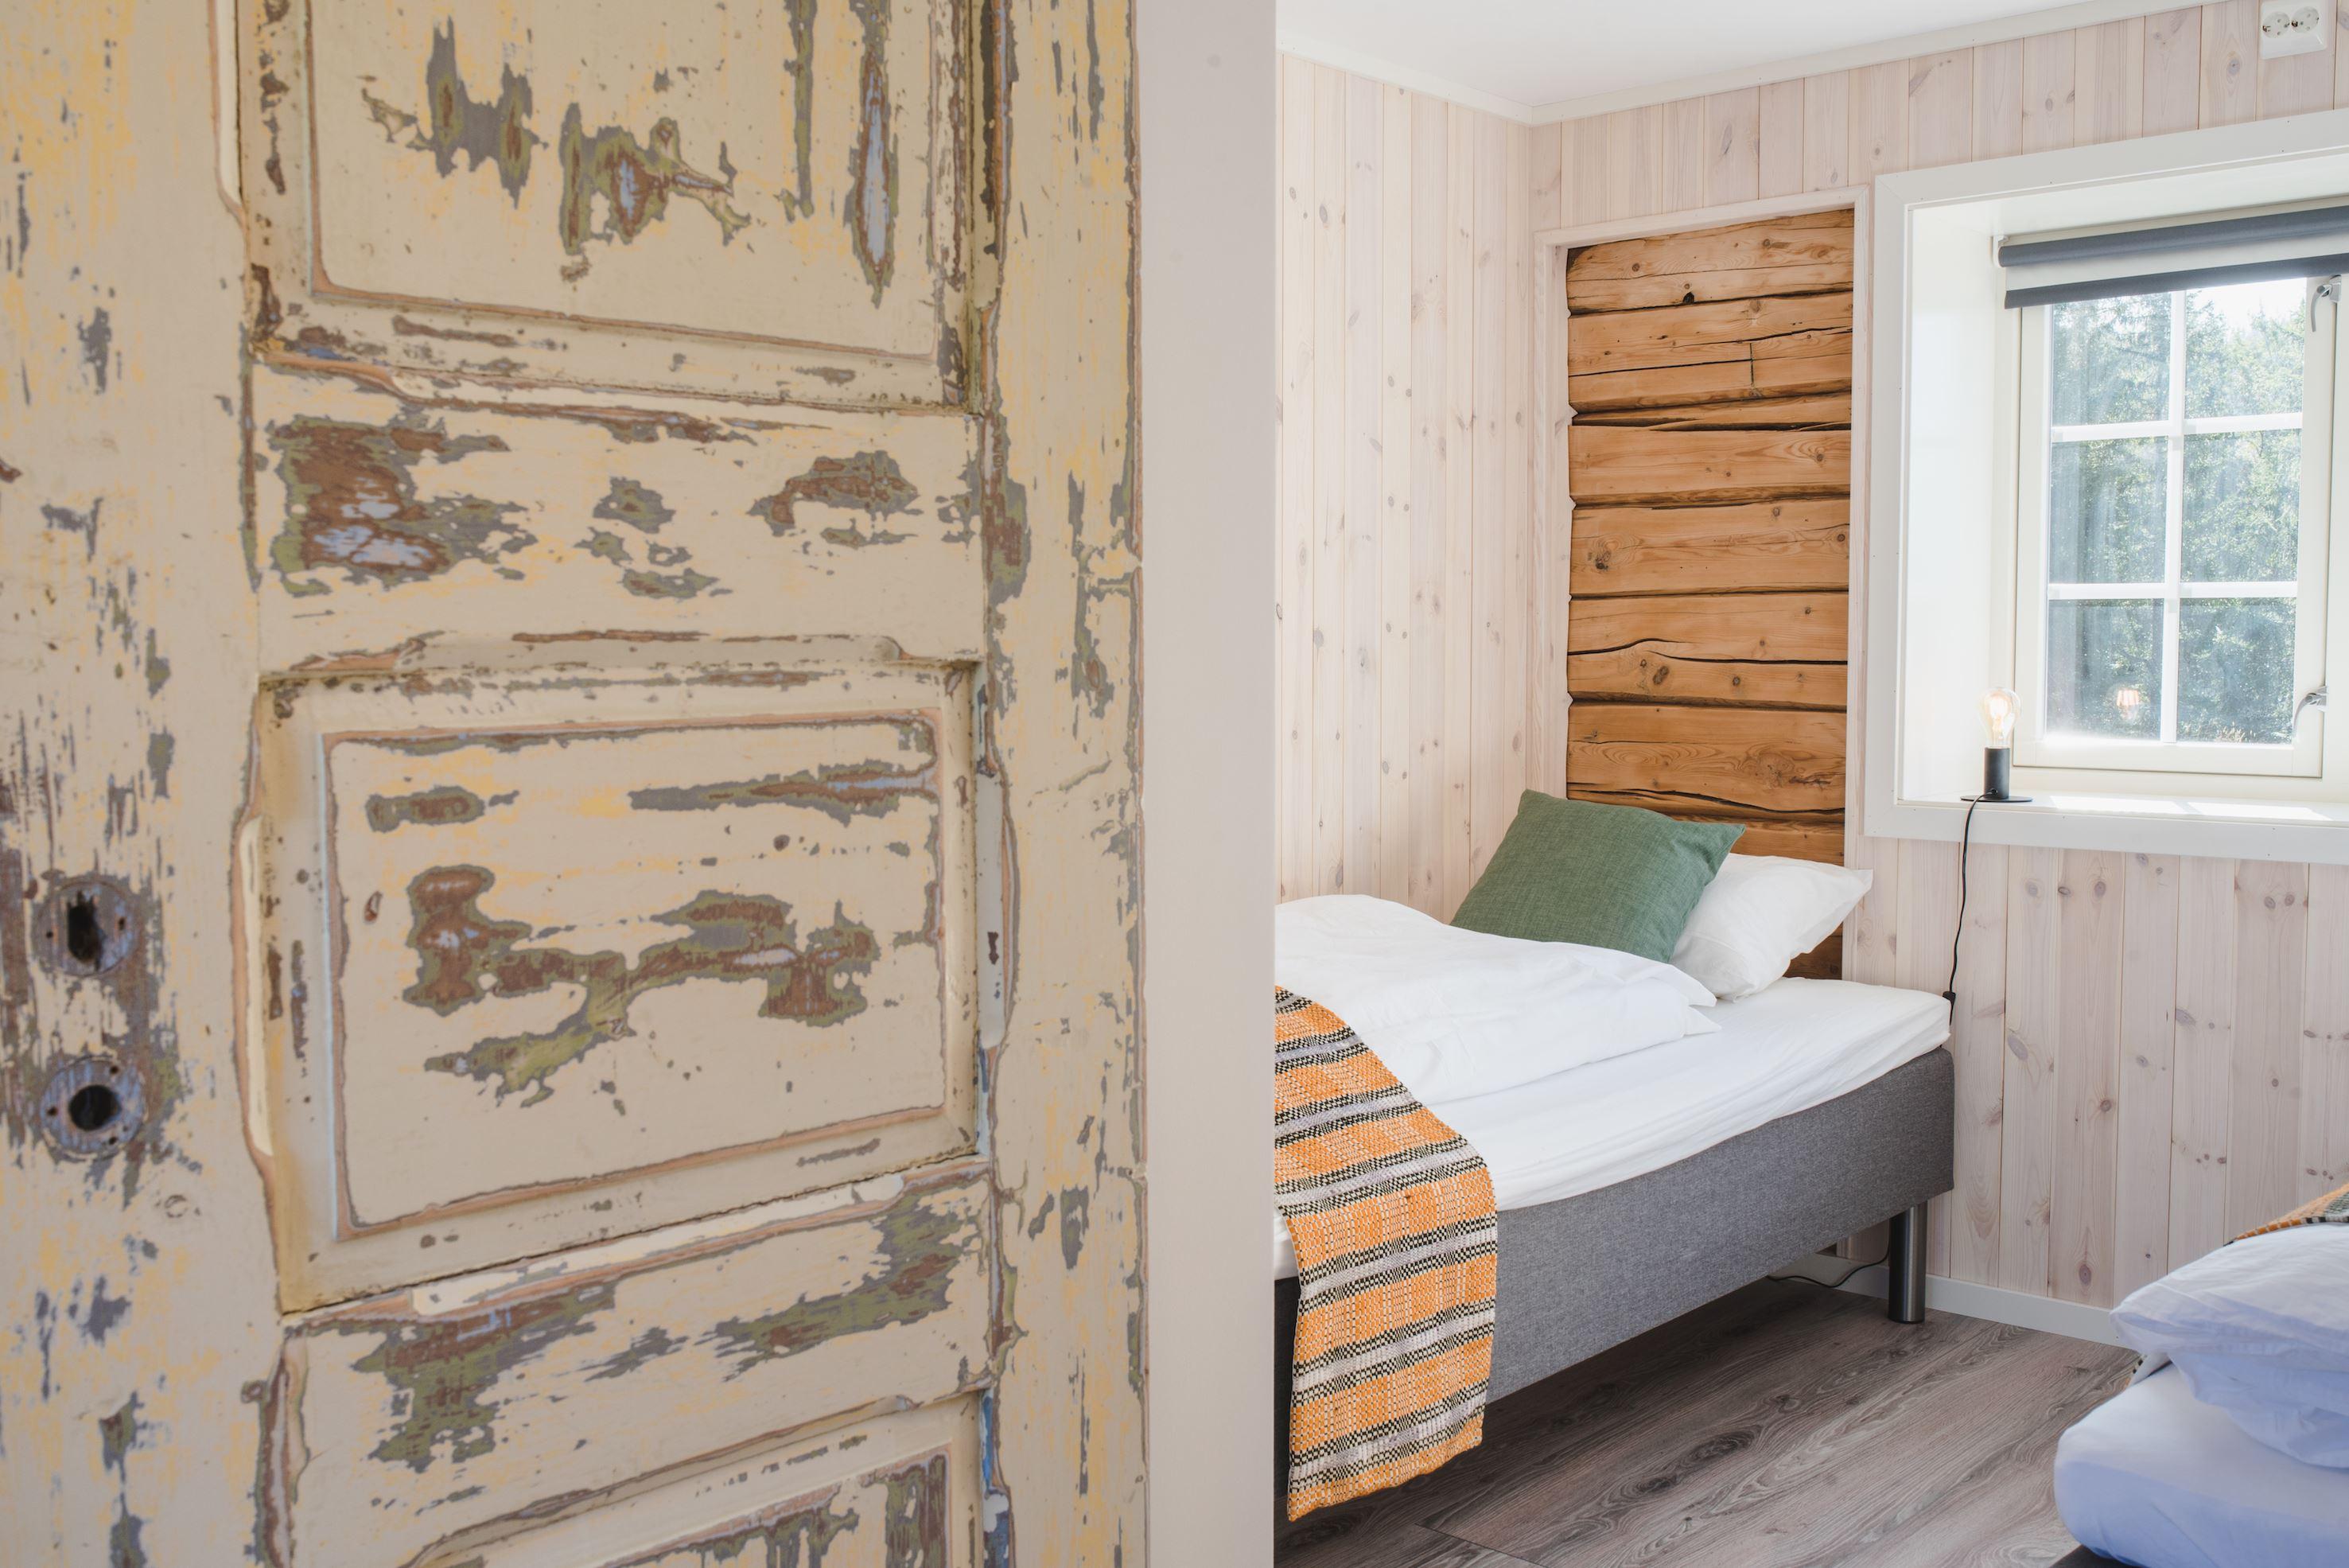 Fotoriet,  © Til Elise Fra Marius, Accommodation Til Elise fra Marius